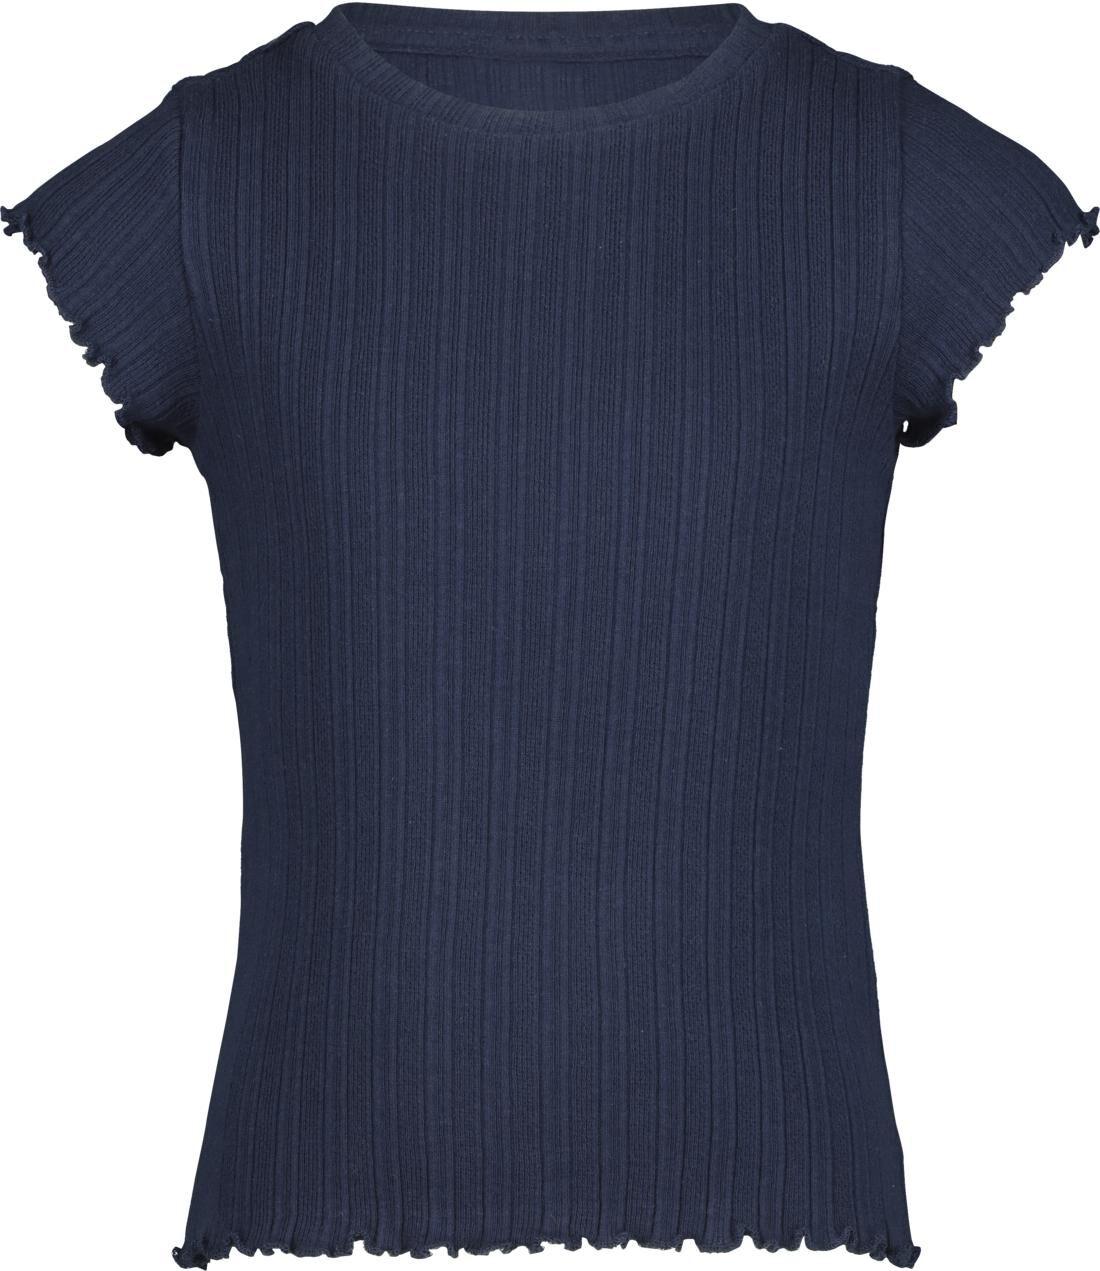 HEMA Kinder T-shirt Rib Donkerblauw (donkerblauw)